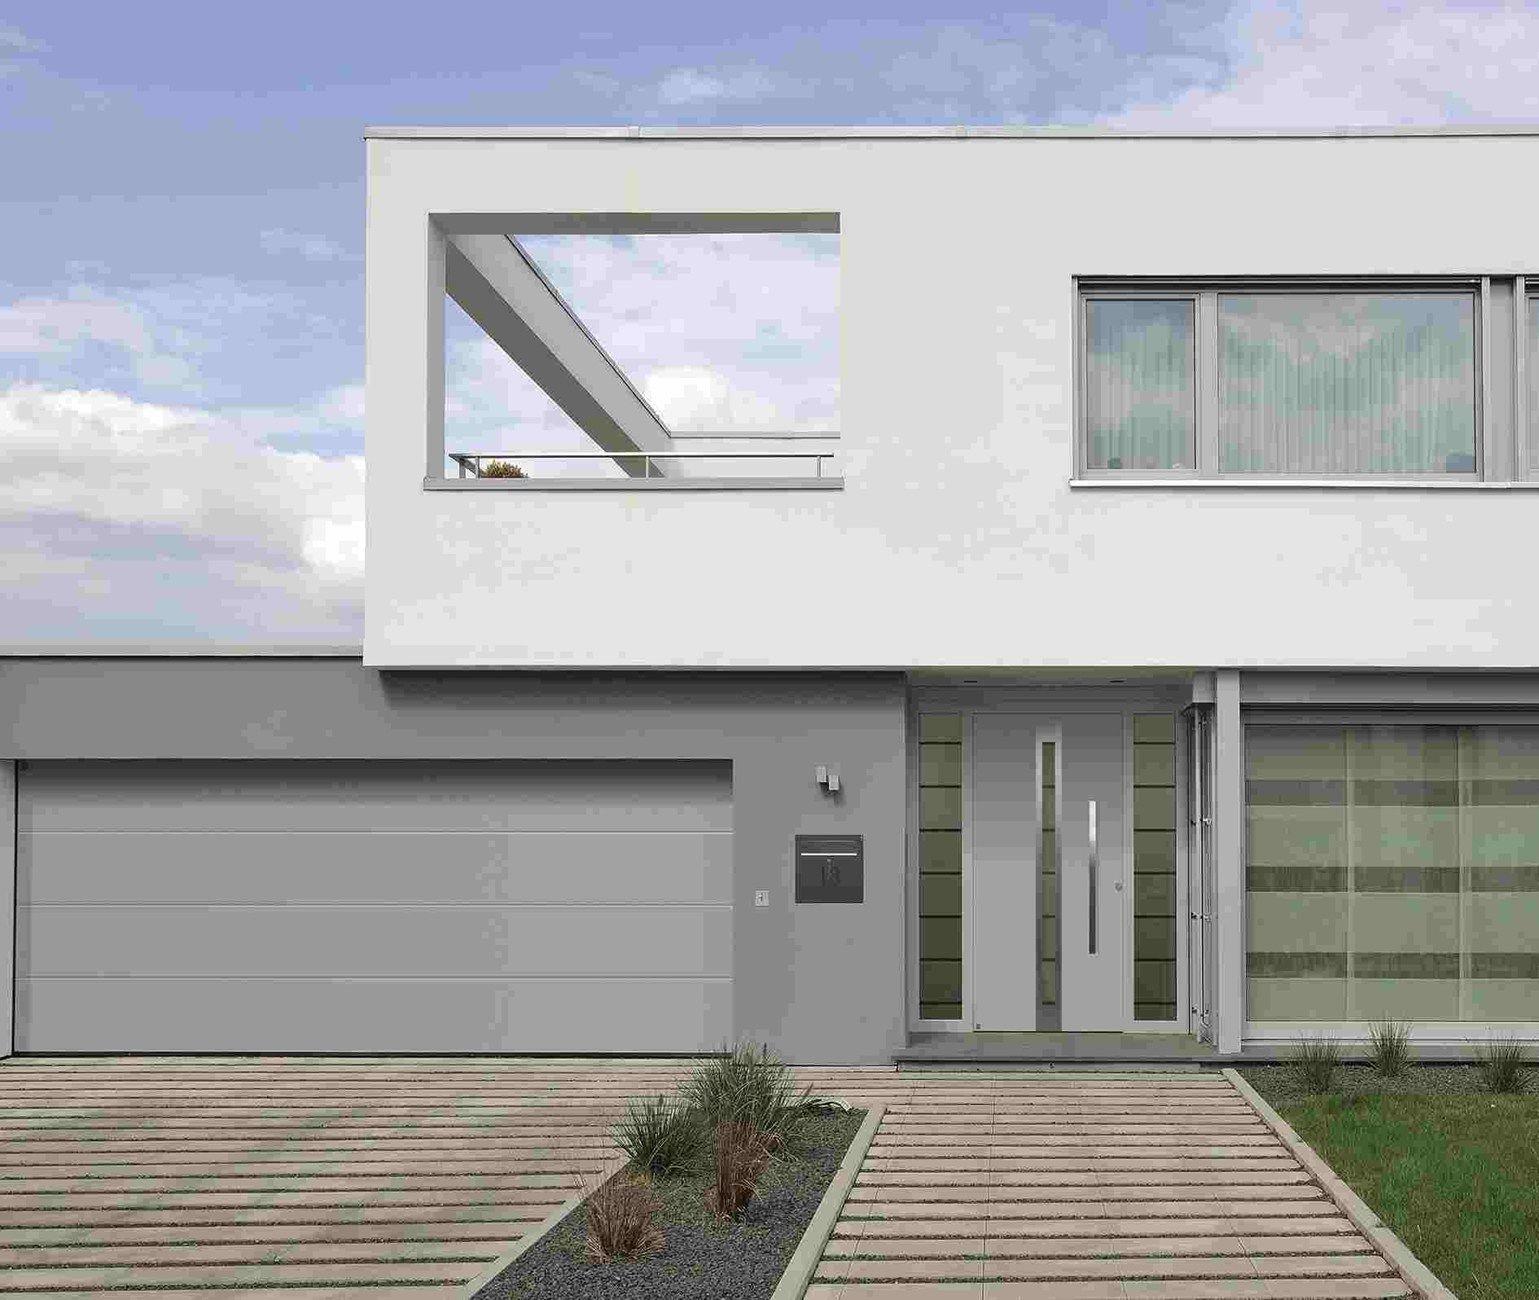 H rmann presenta la nuova porta d 39 ingresso in alluminio for Ingresso ville moderne